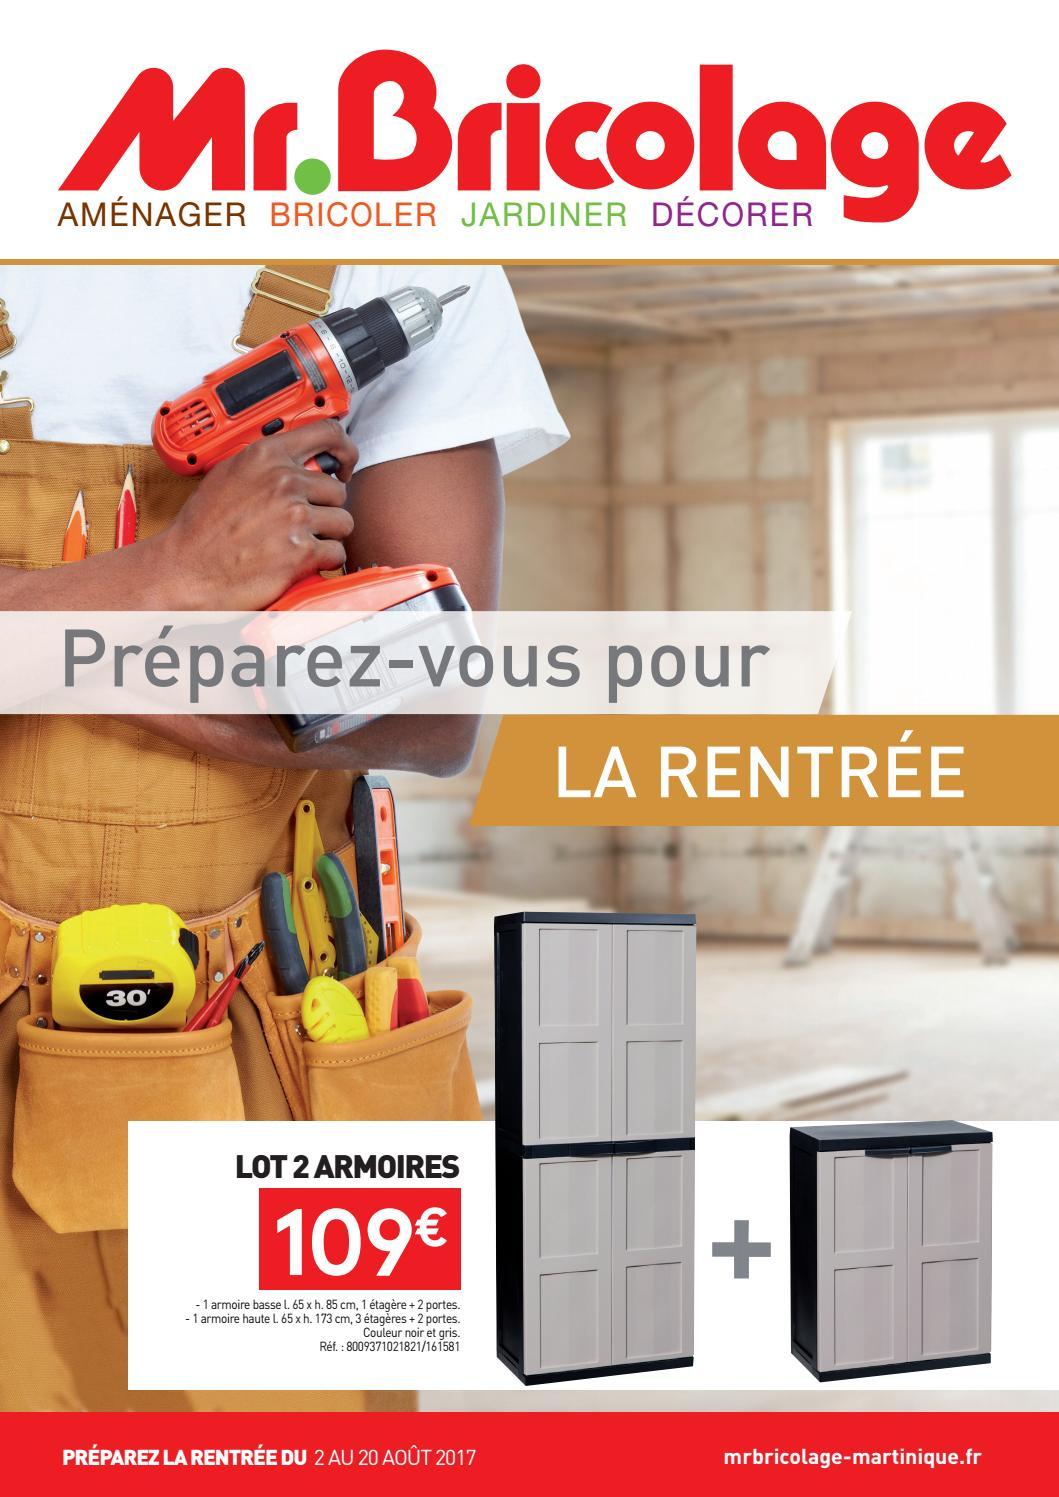 MrBricolage MartiniqueTpreparez Rentreedu 02 Vous Pour La 80wvNnmO